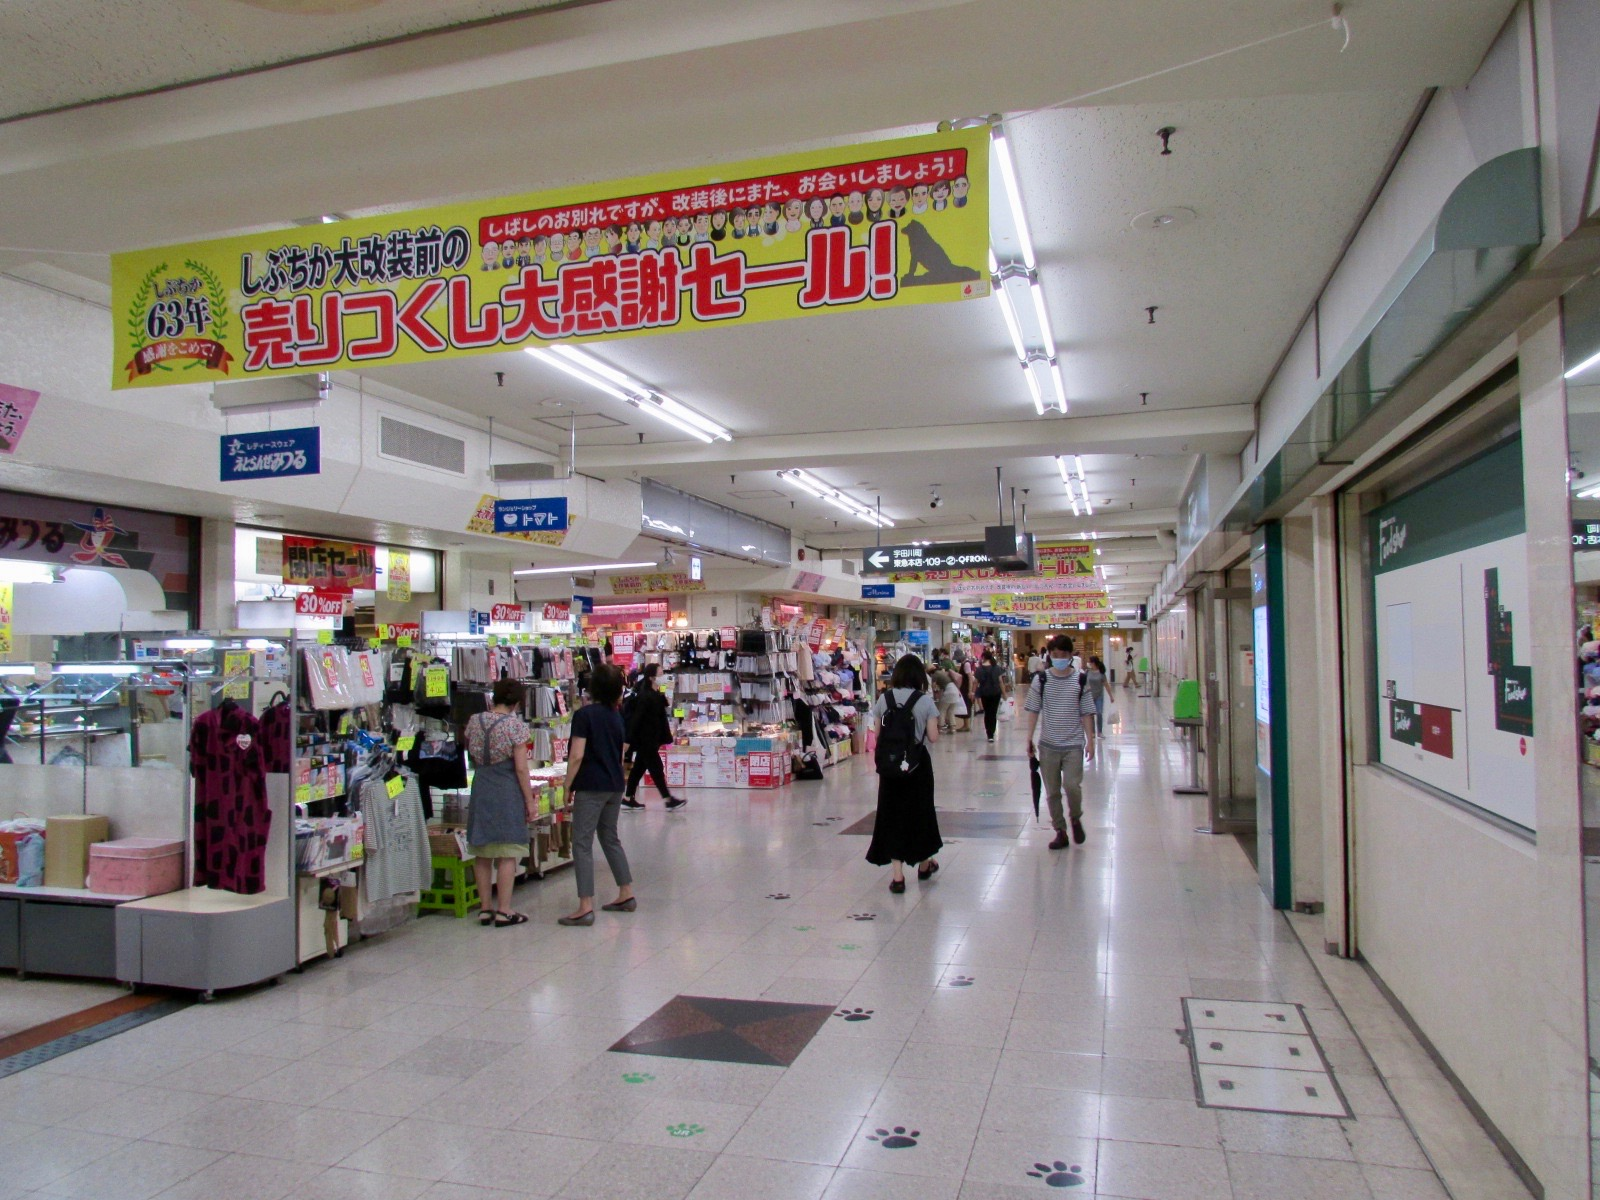 f:id:hiro-jp:20200905152127j:plain